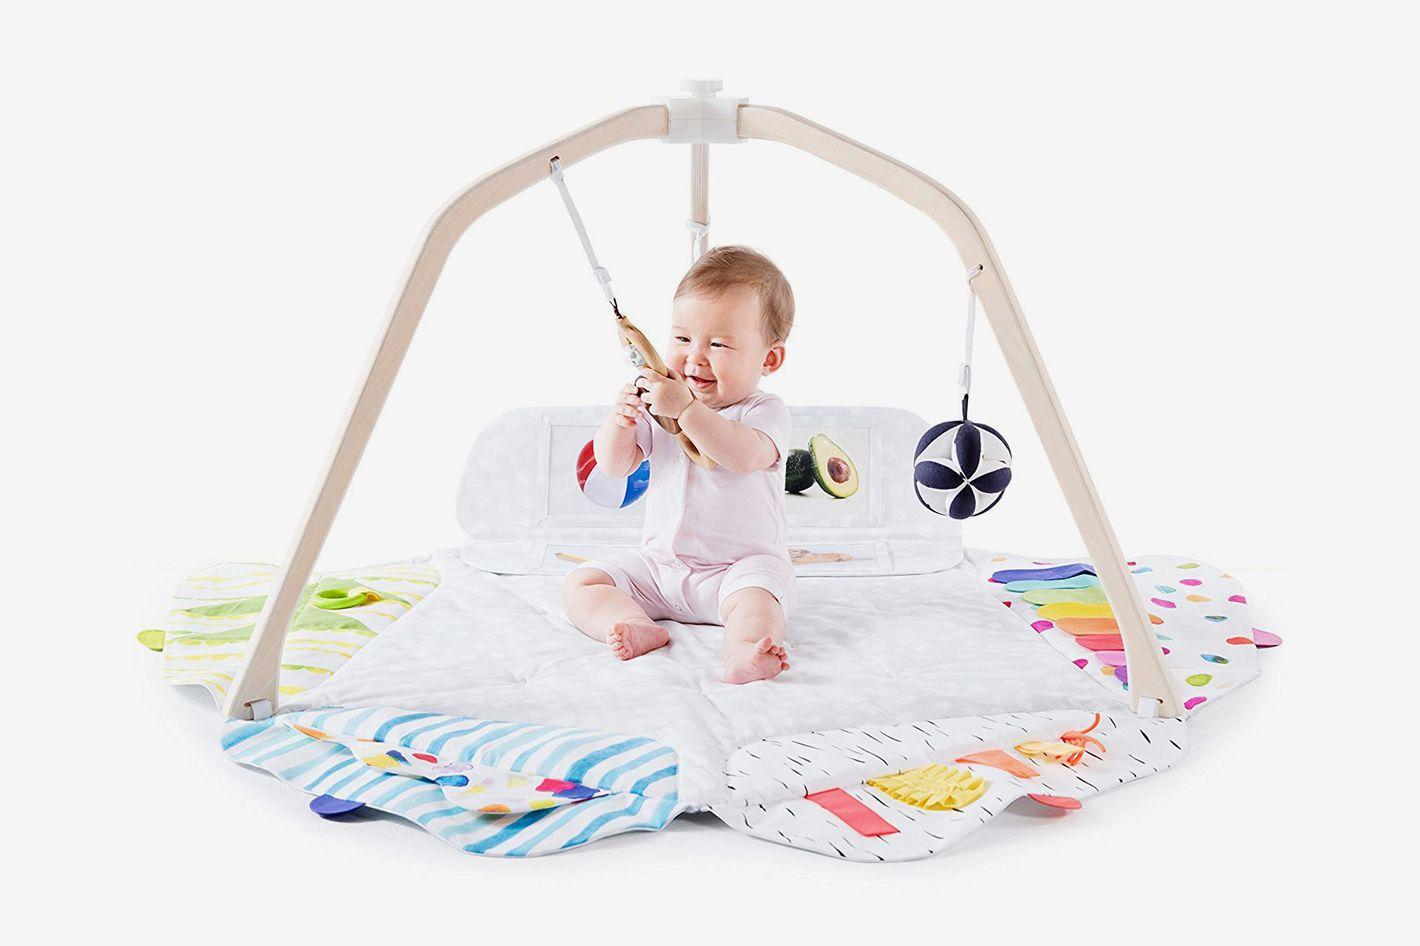 8 Best Baby Play Mats 2018